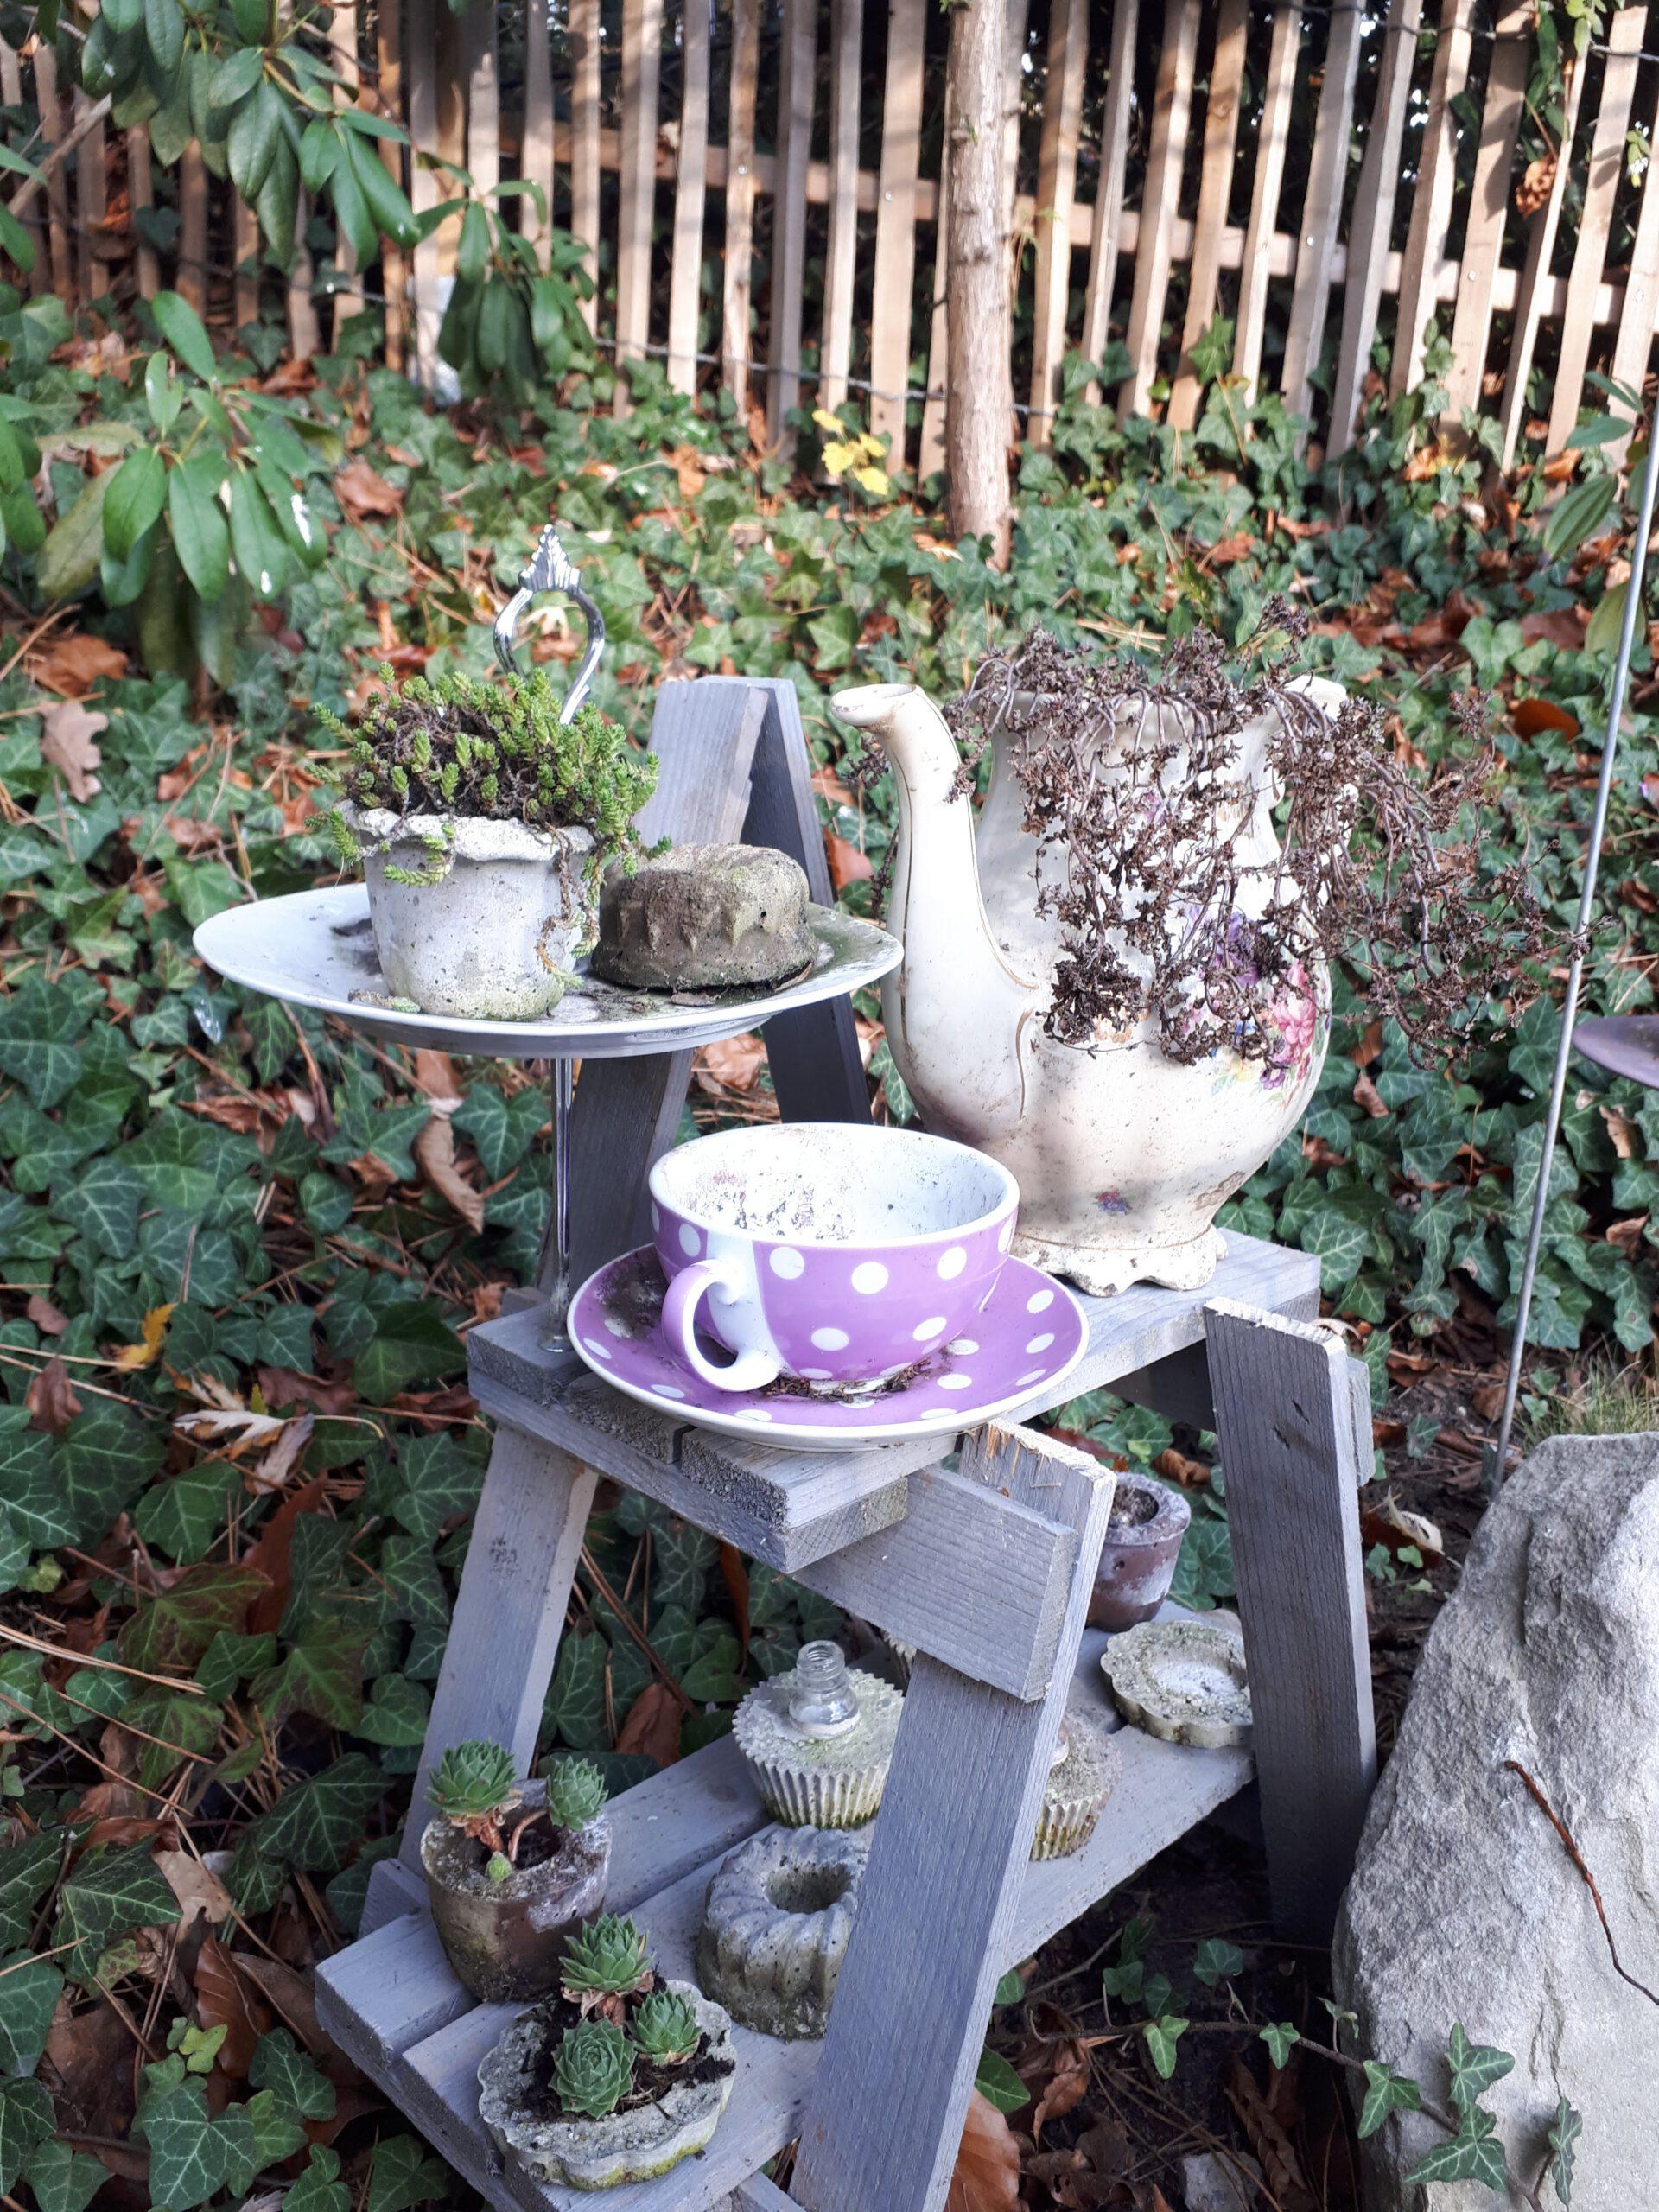 Wie eine gedeckte Kaffeetafel ist die alte Tasse mit der bepflanzten Kanne und den Törtchen aus Beton arrangiert.